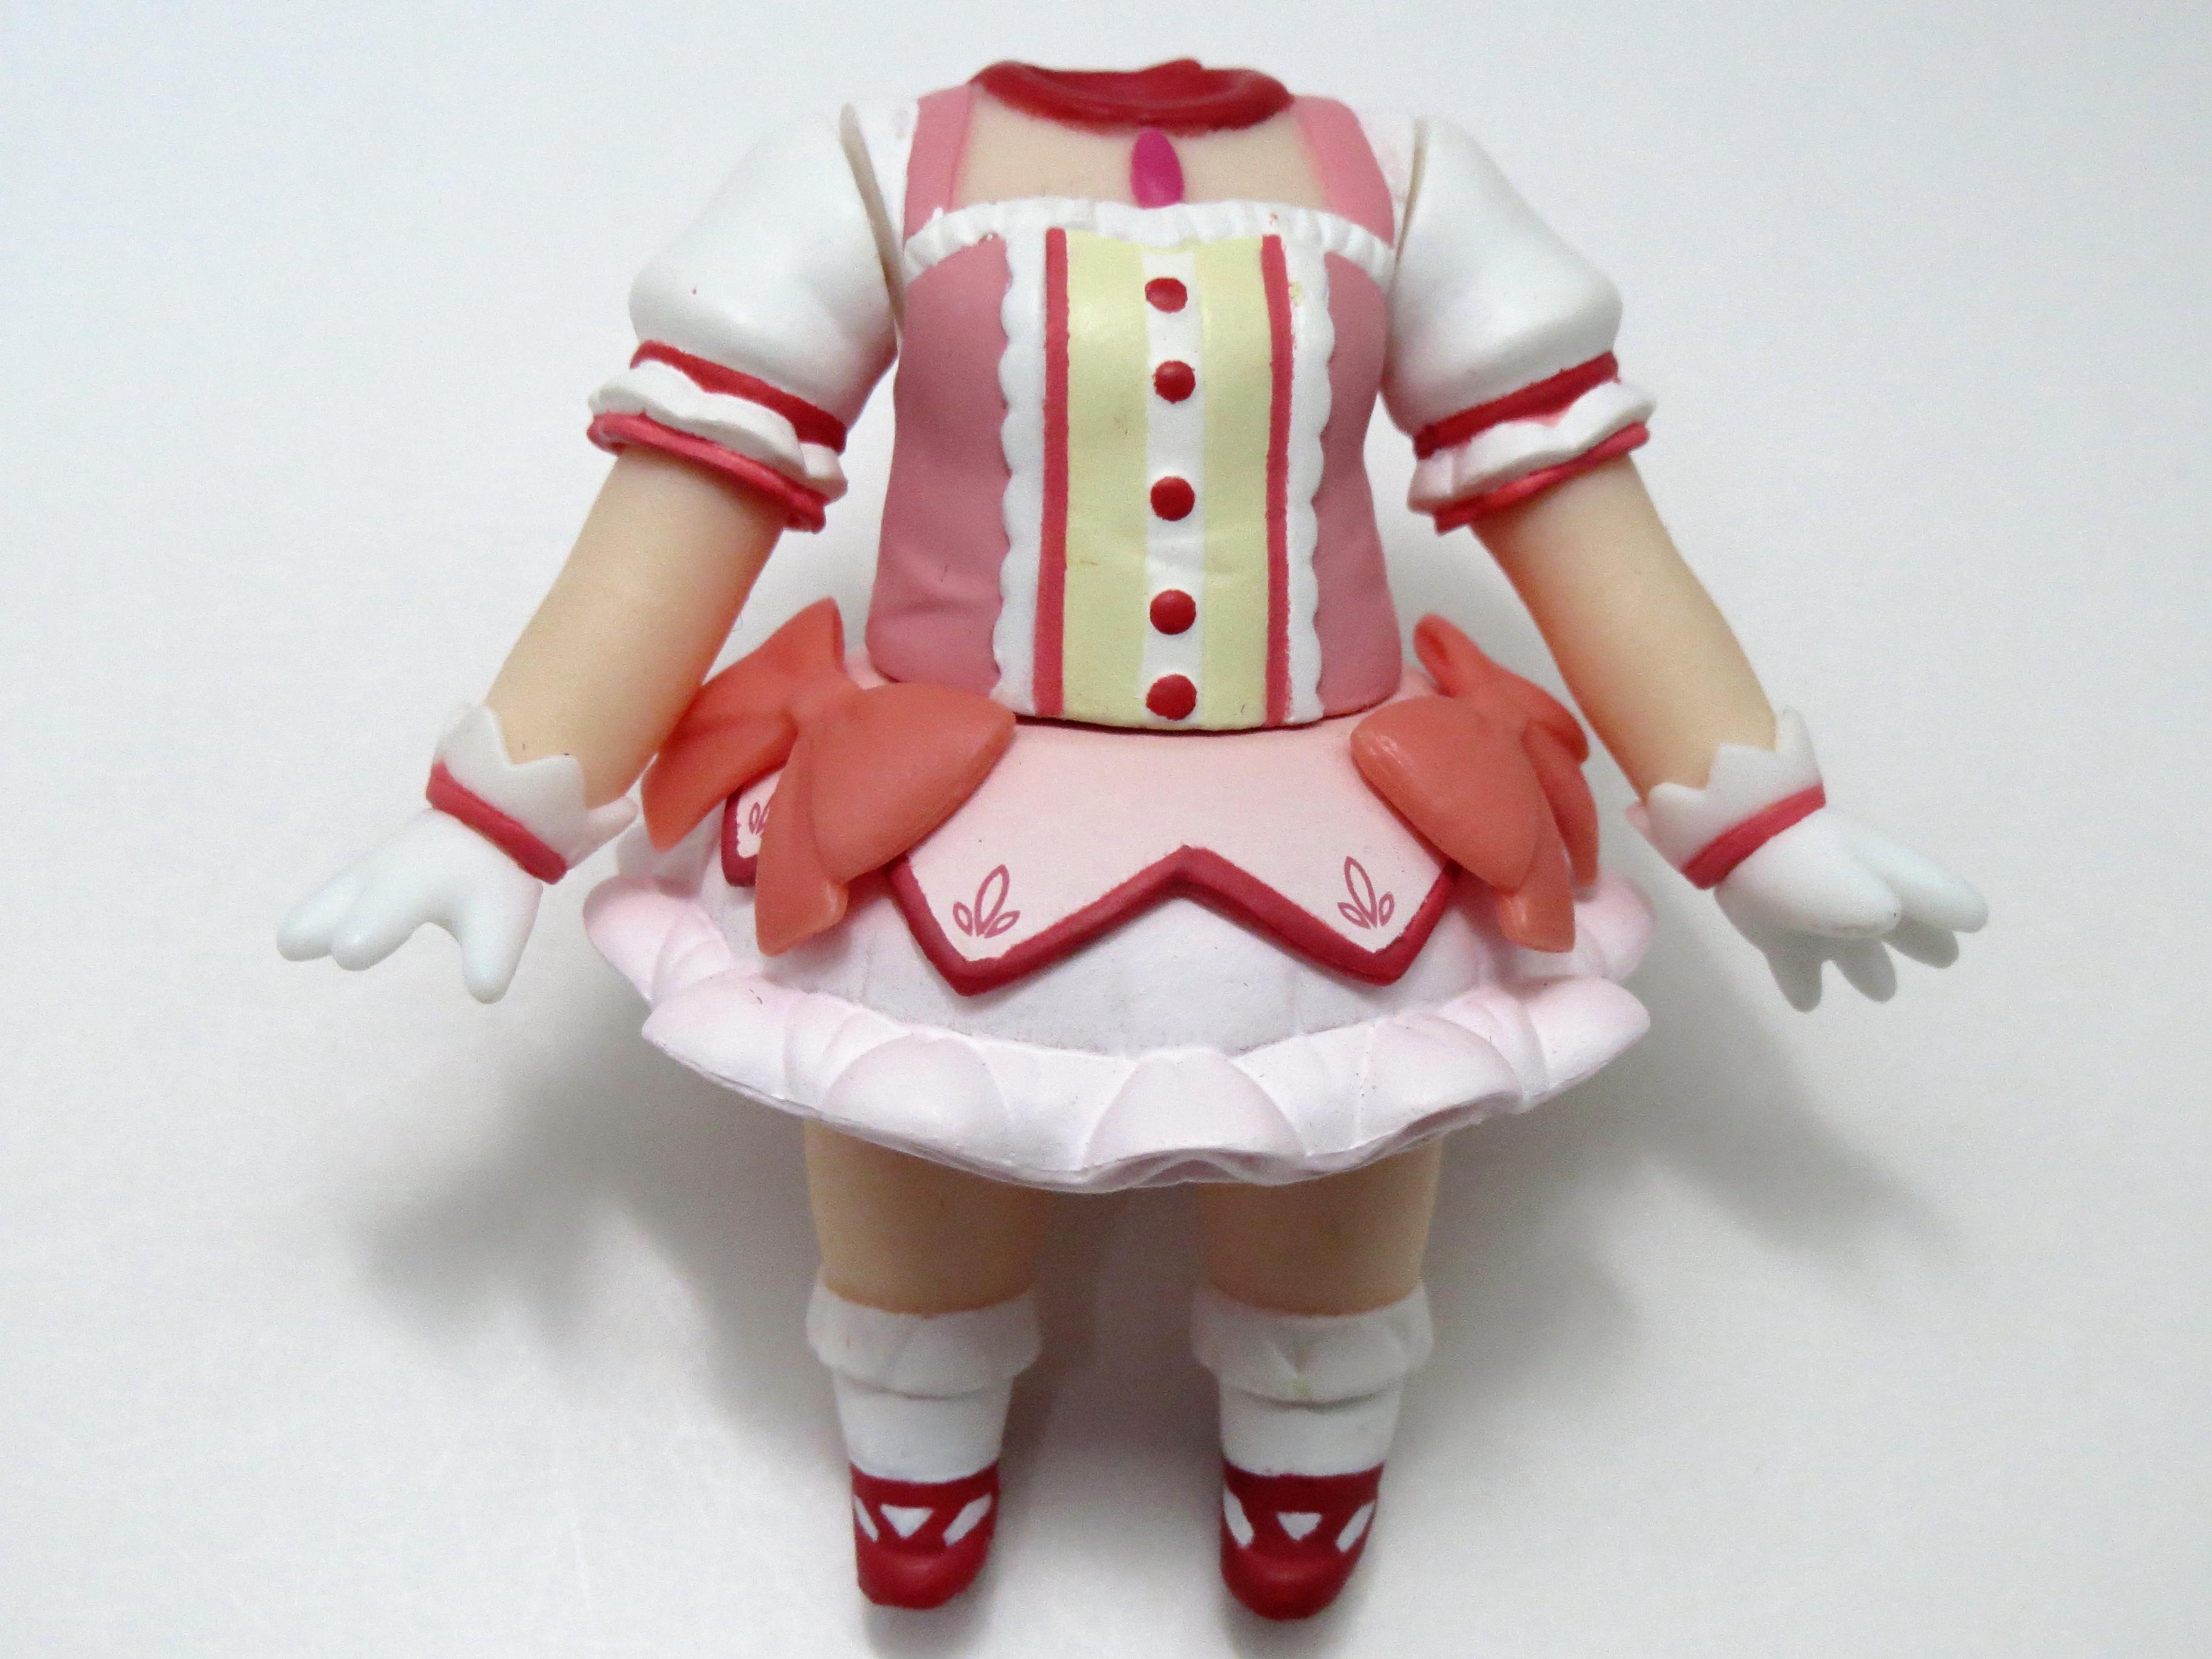 【174】 鹿目まどか 体パーツ 魔法少女の服 ねんどろいど